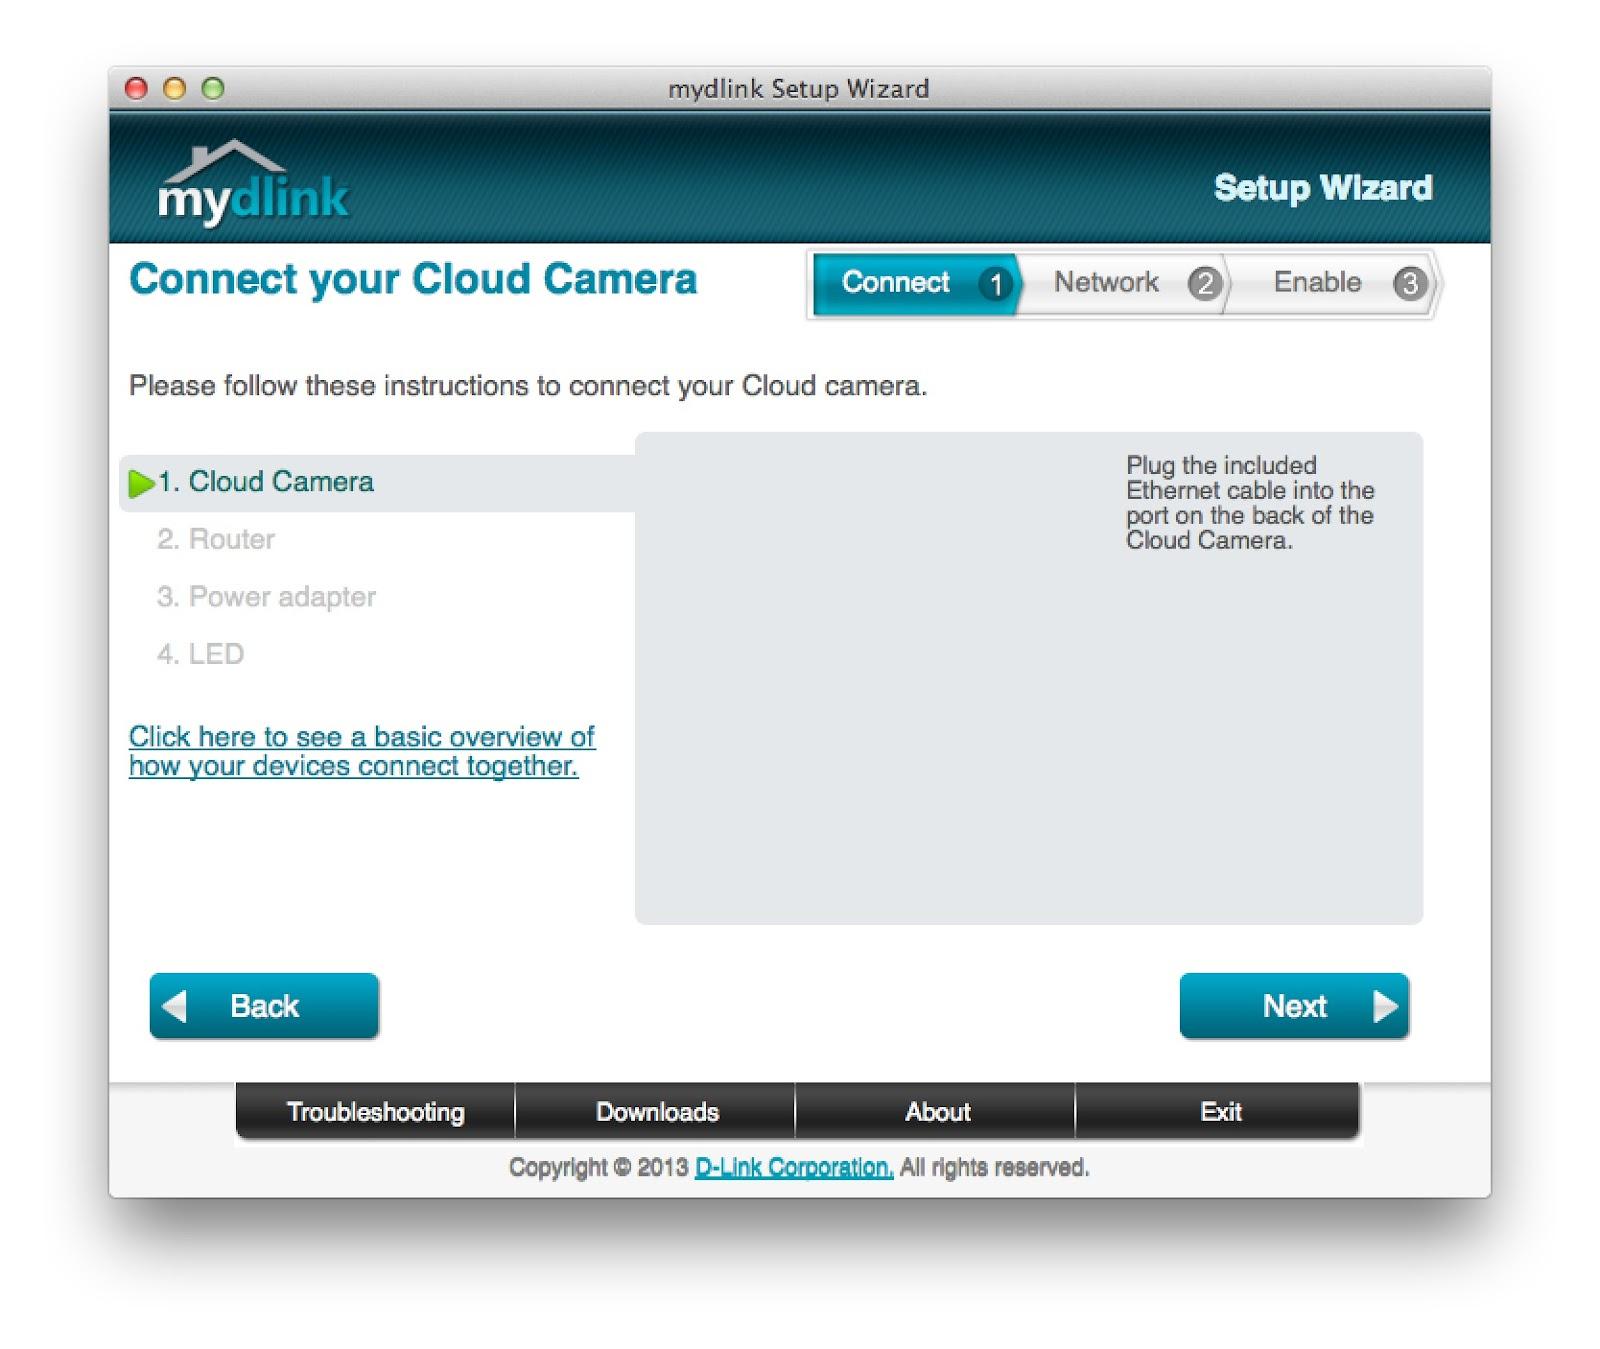 Đang tải Screen Shot 2013-12-19 at 11.24.17 PM.jpg…